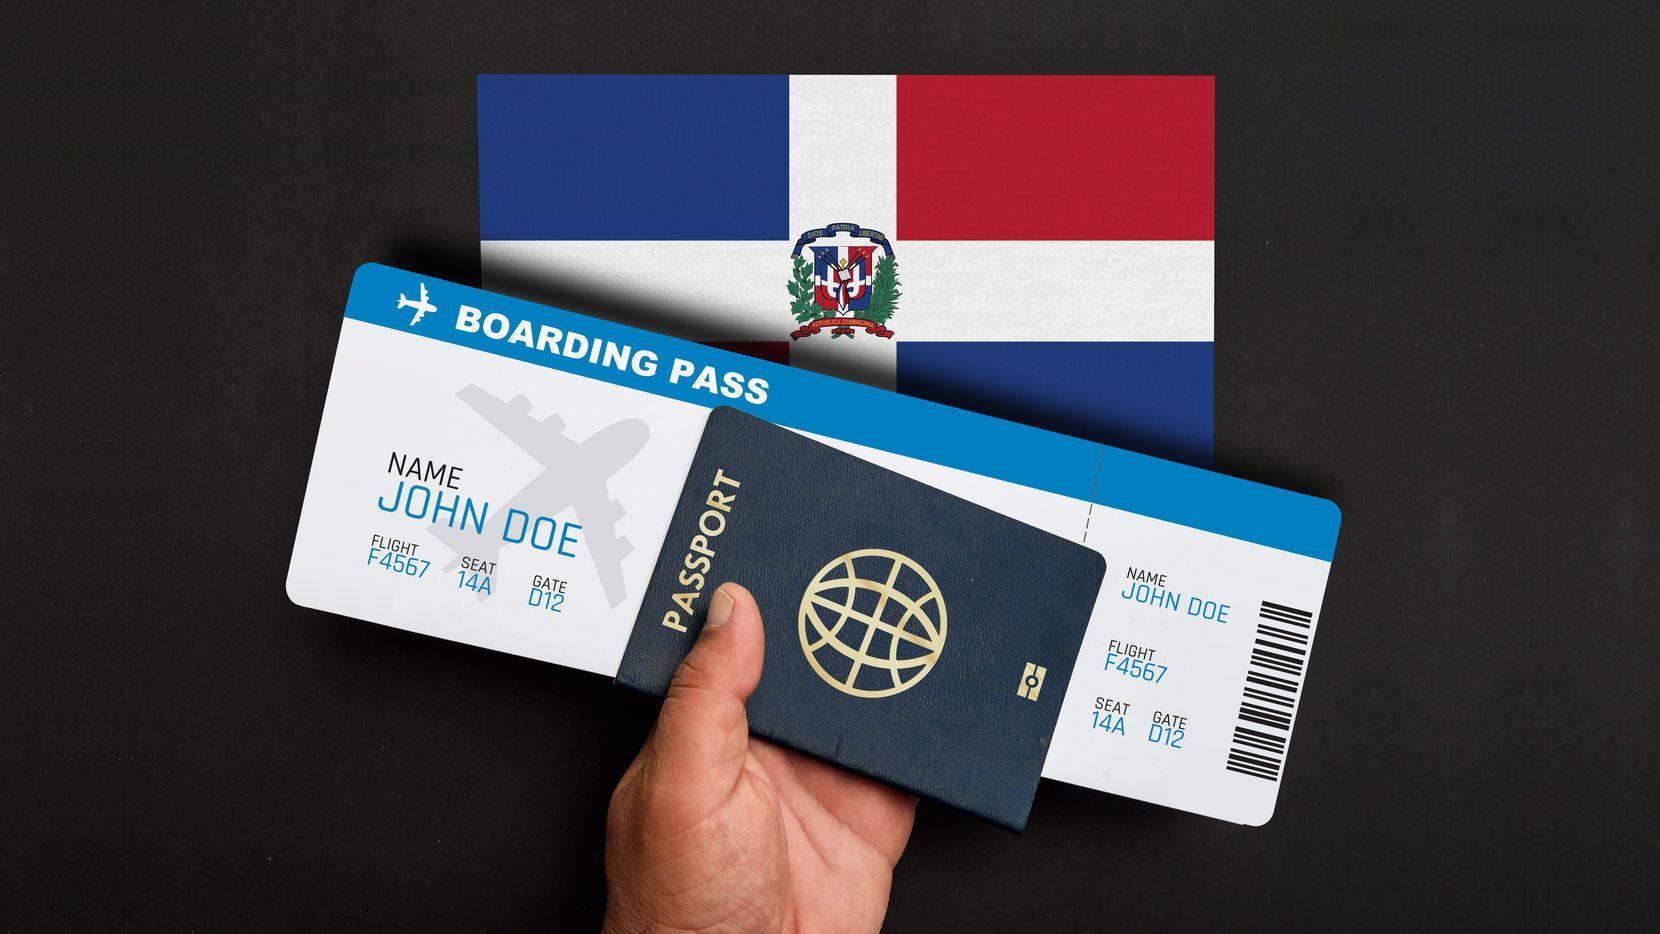 Una persona porta un pasaporte y un boleto de avión.